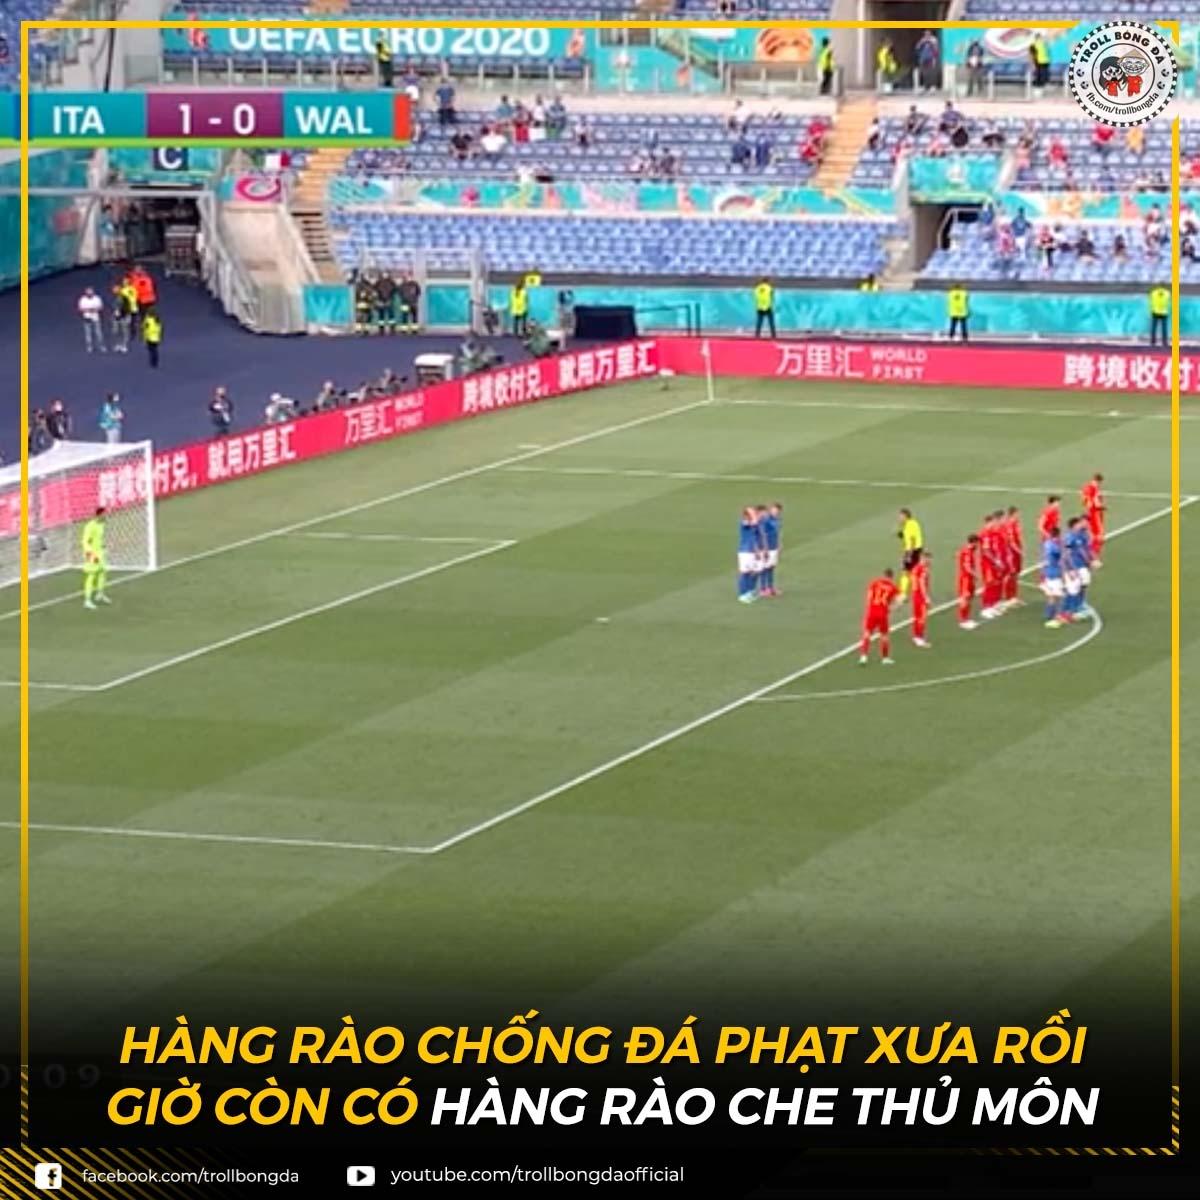 Phong cách đá phạt độc đáo của ĐT Italia (Ảnh: Troll bóng đá).